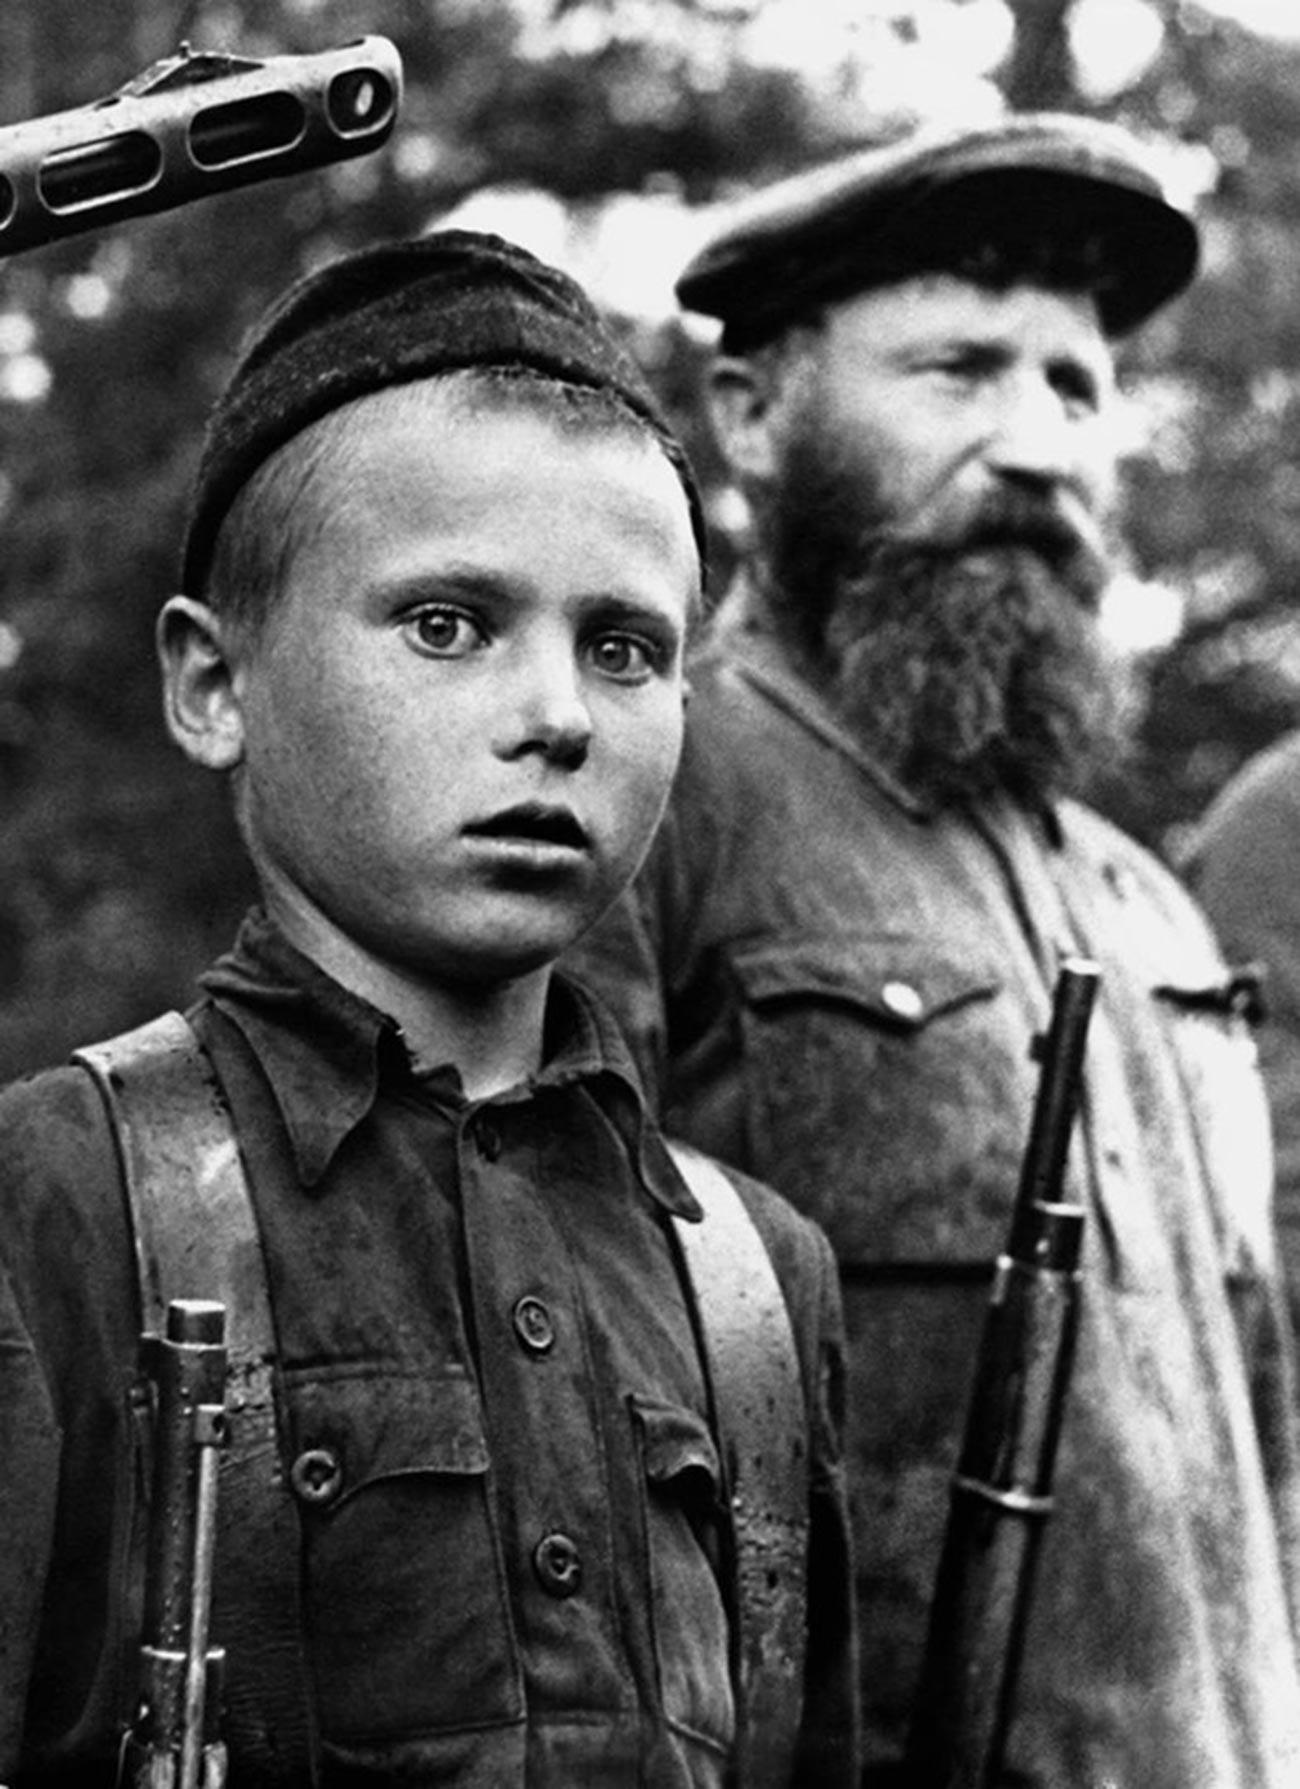 Mladi partizanski izvidnik Pjotr Gurko med vročanjem medalje za hrabrost